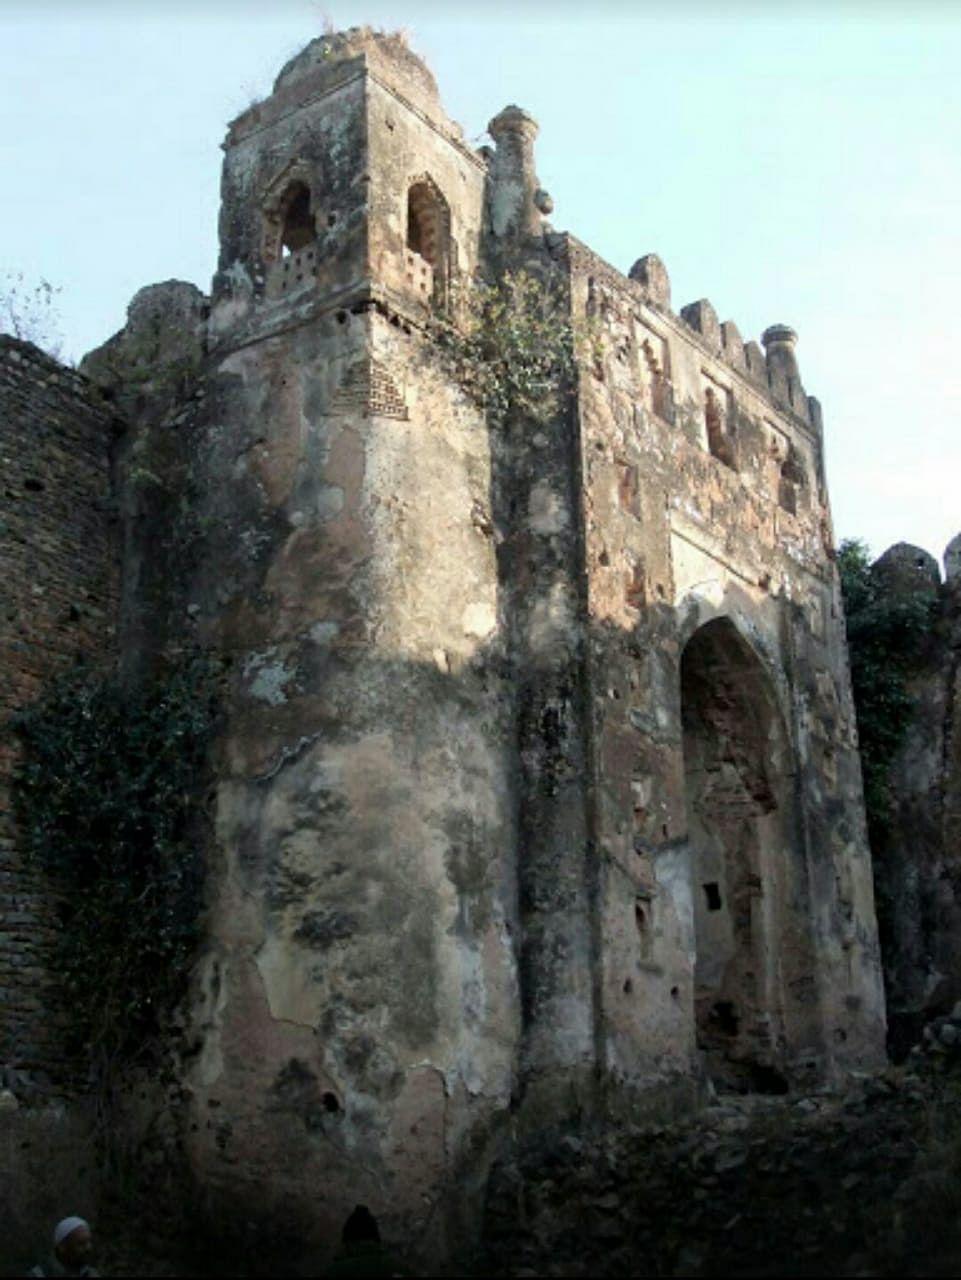 खंडहर में तब्दील होती जा रही पलामू किले की तस्वीर